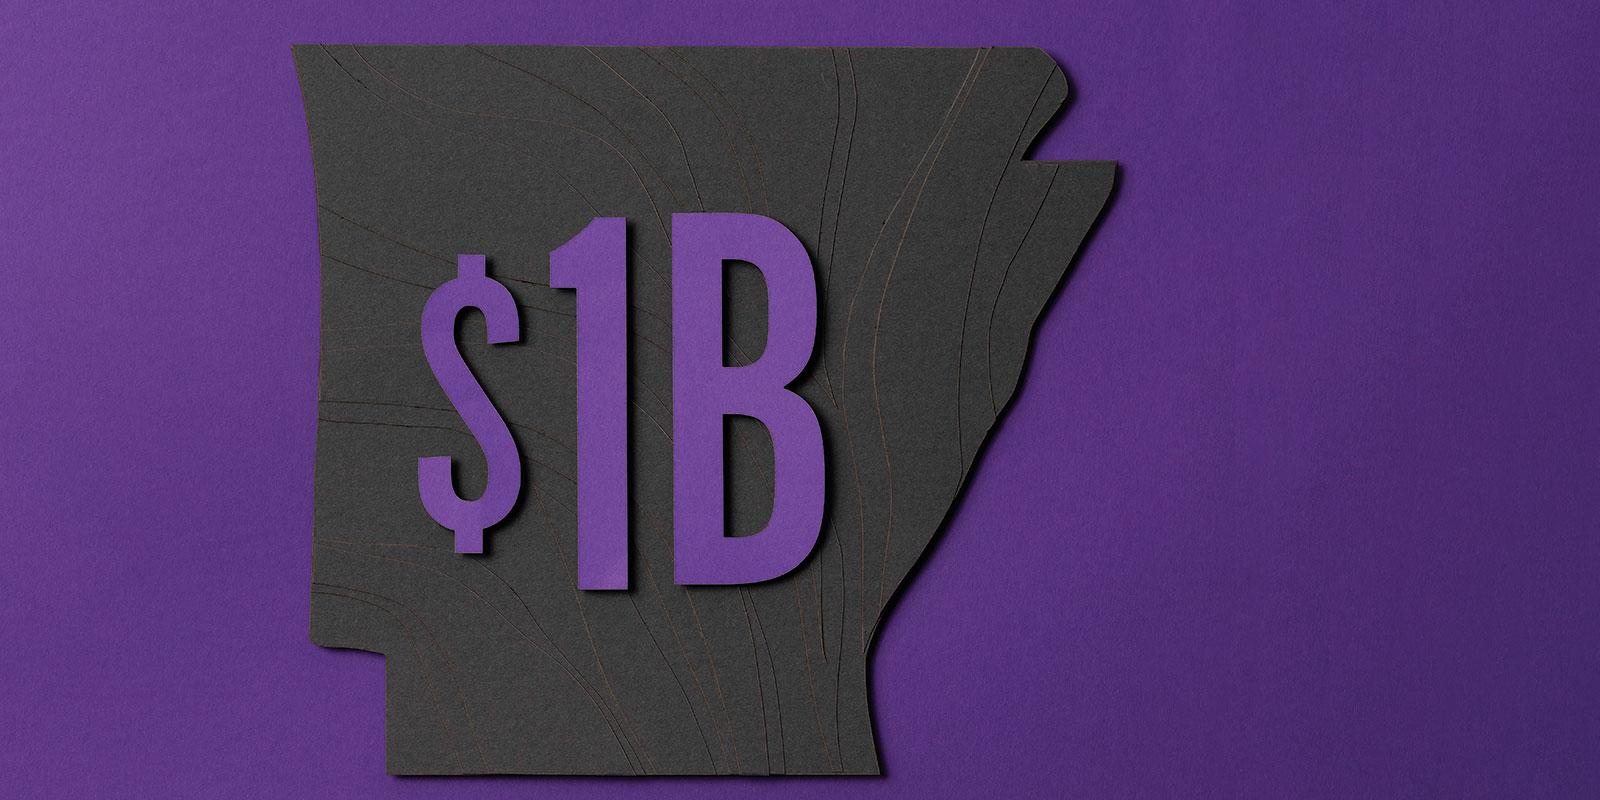 UCA's Economic Impact on the State Exceeds $1 Billion